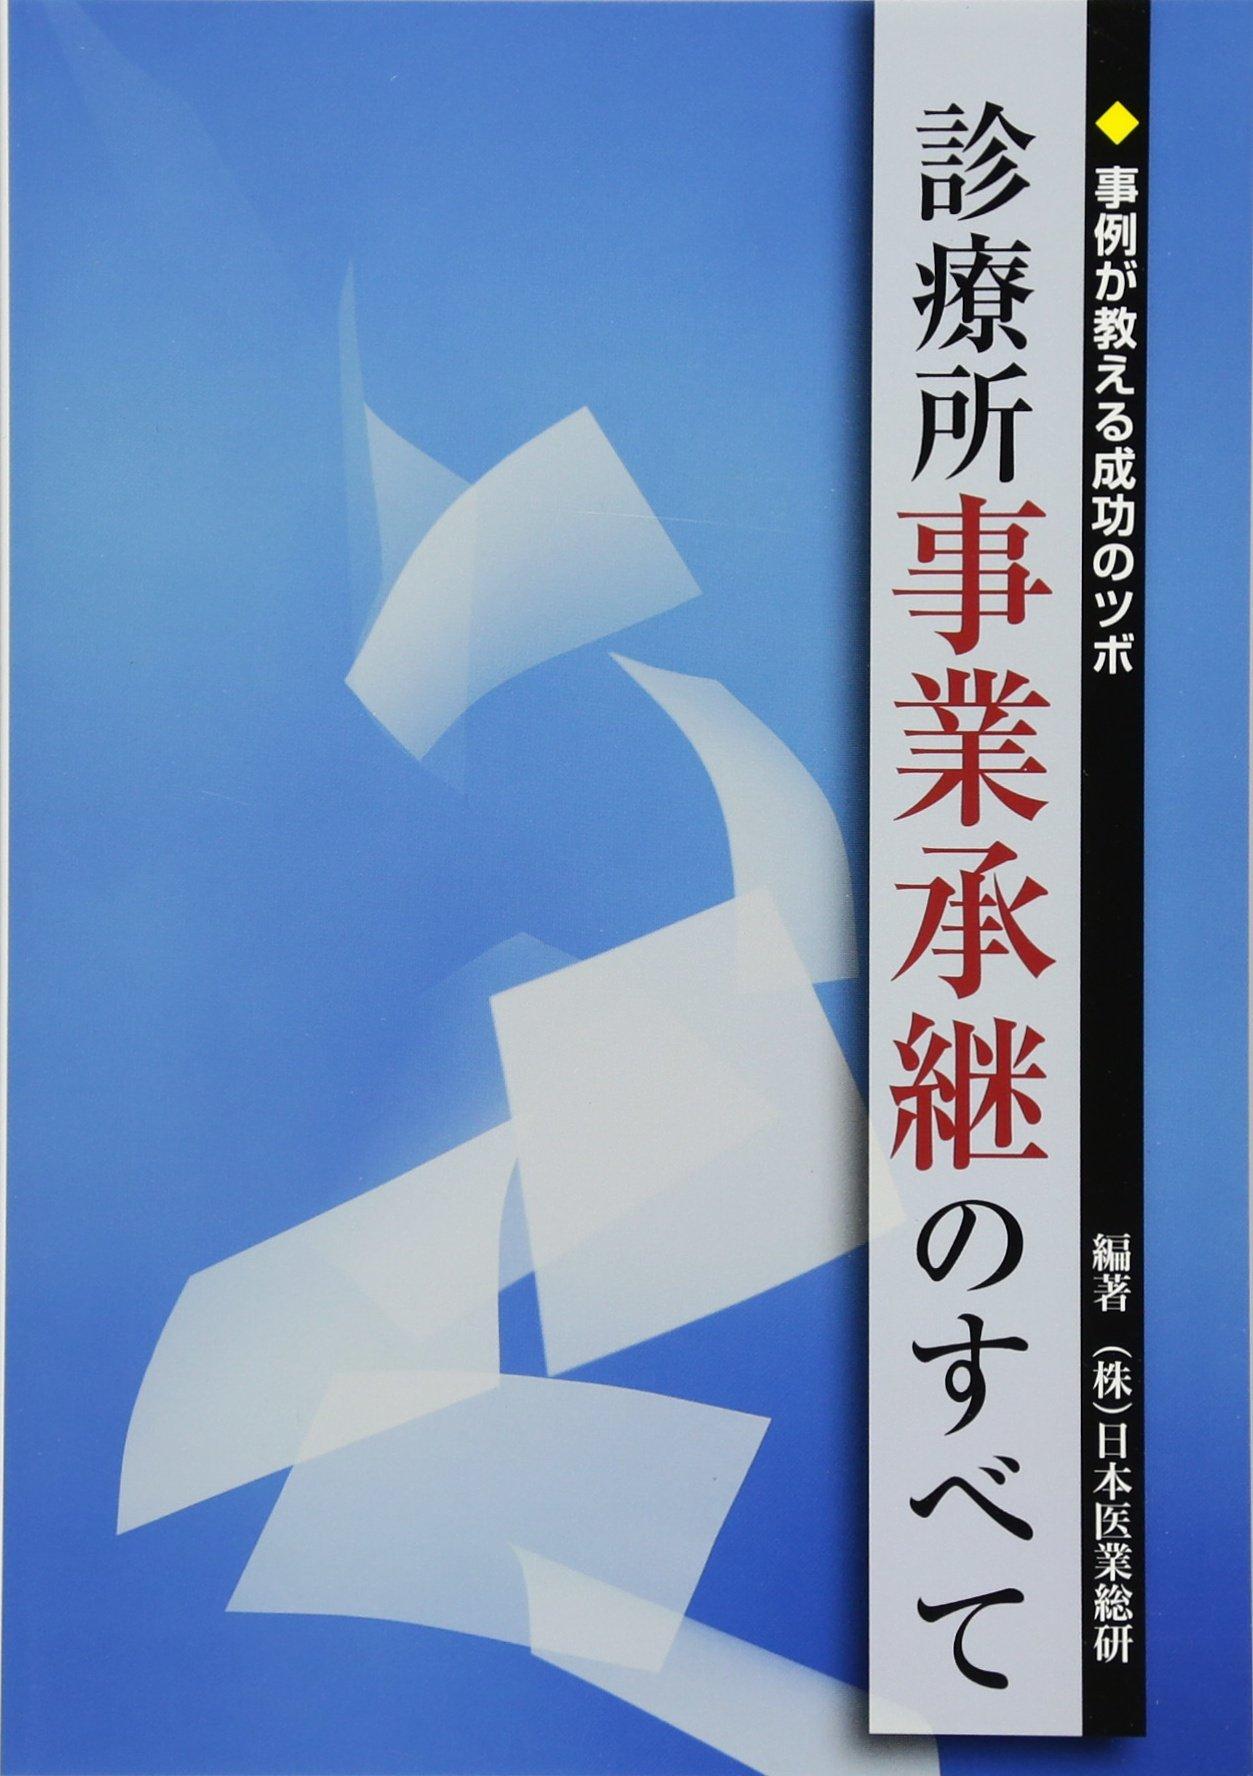 Shinryojo jigyo keisho no subete : Jirei ga oshieru seiko no tsubo. ebook